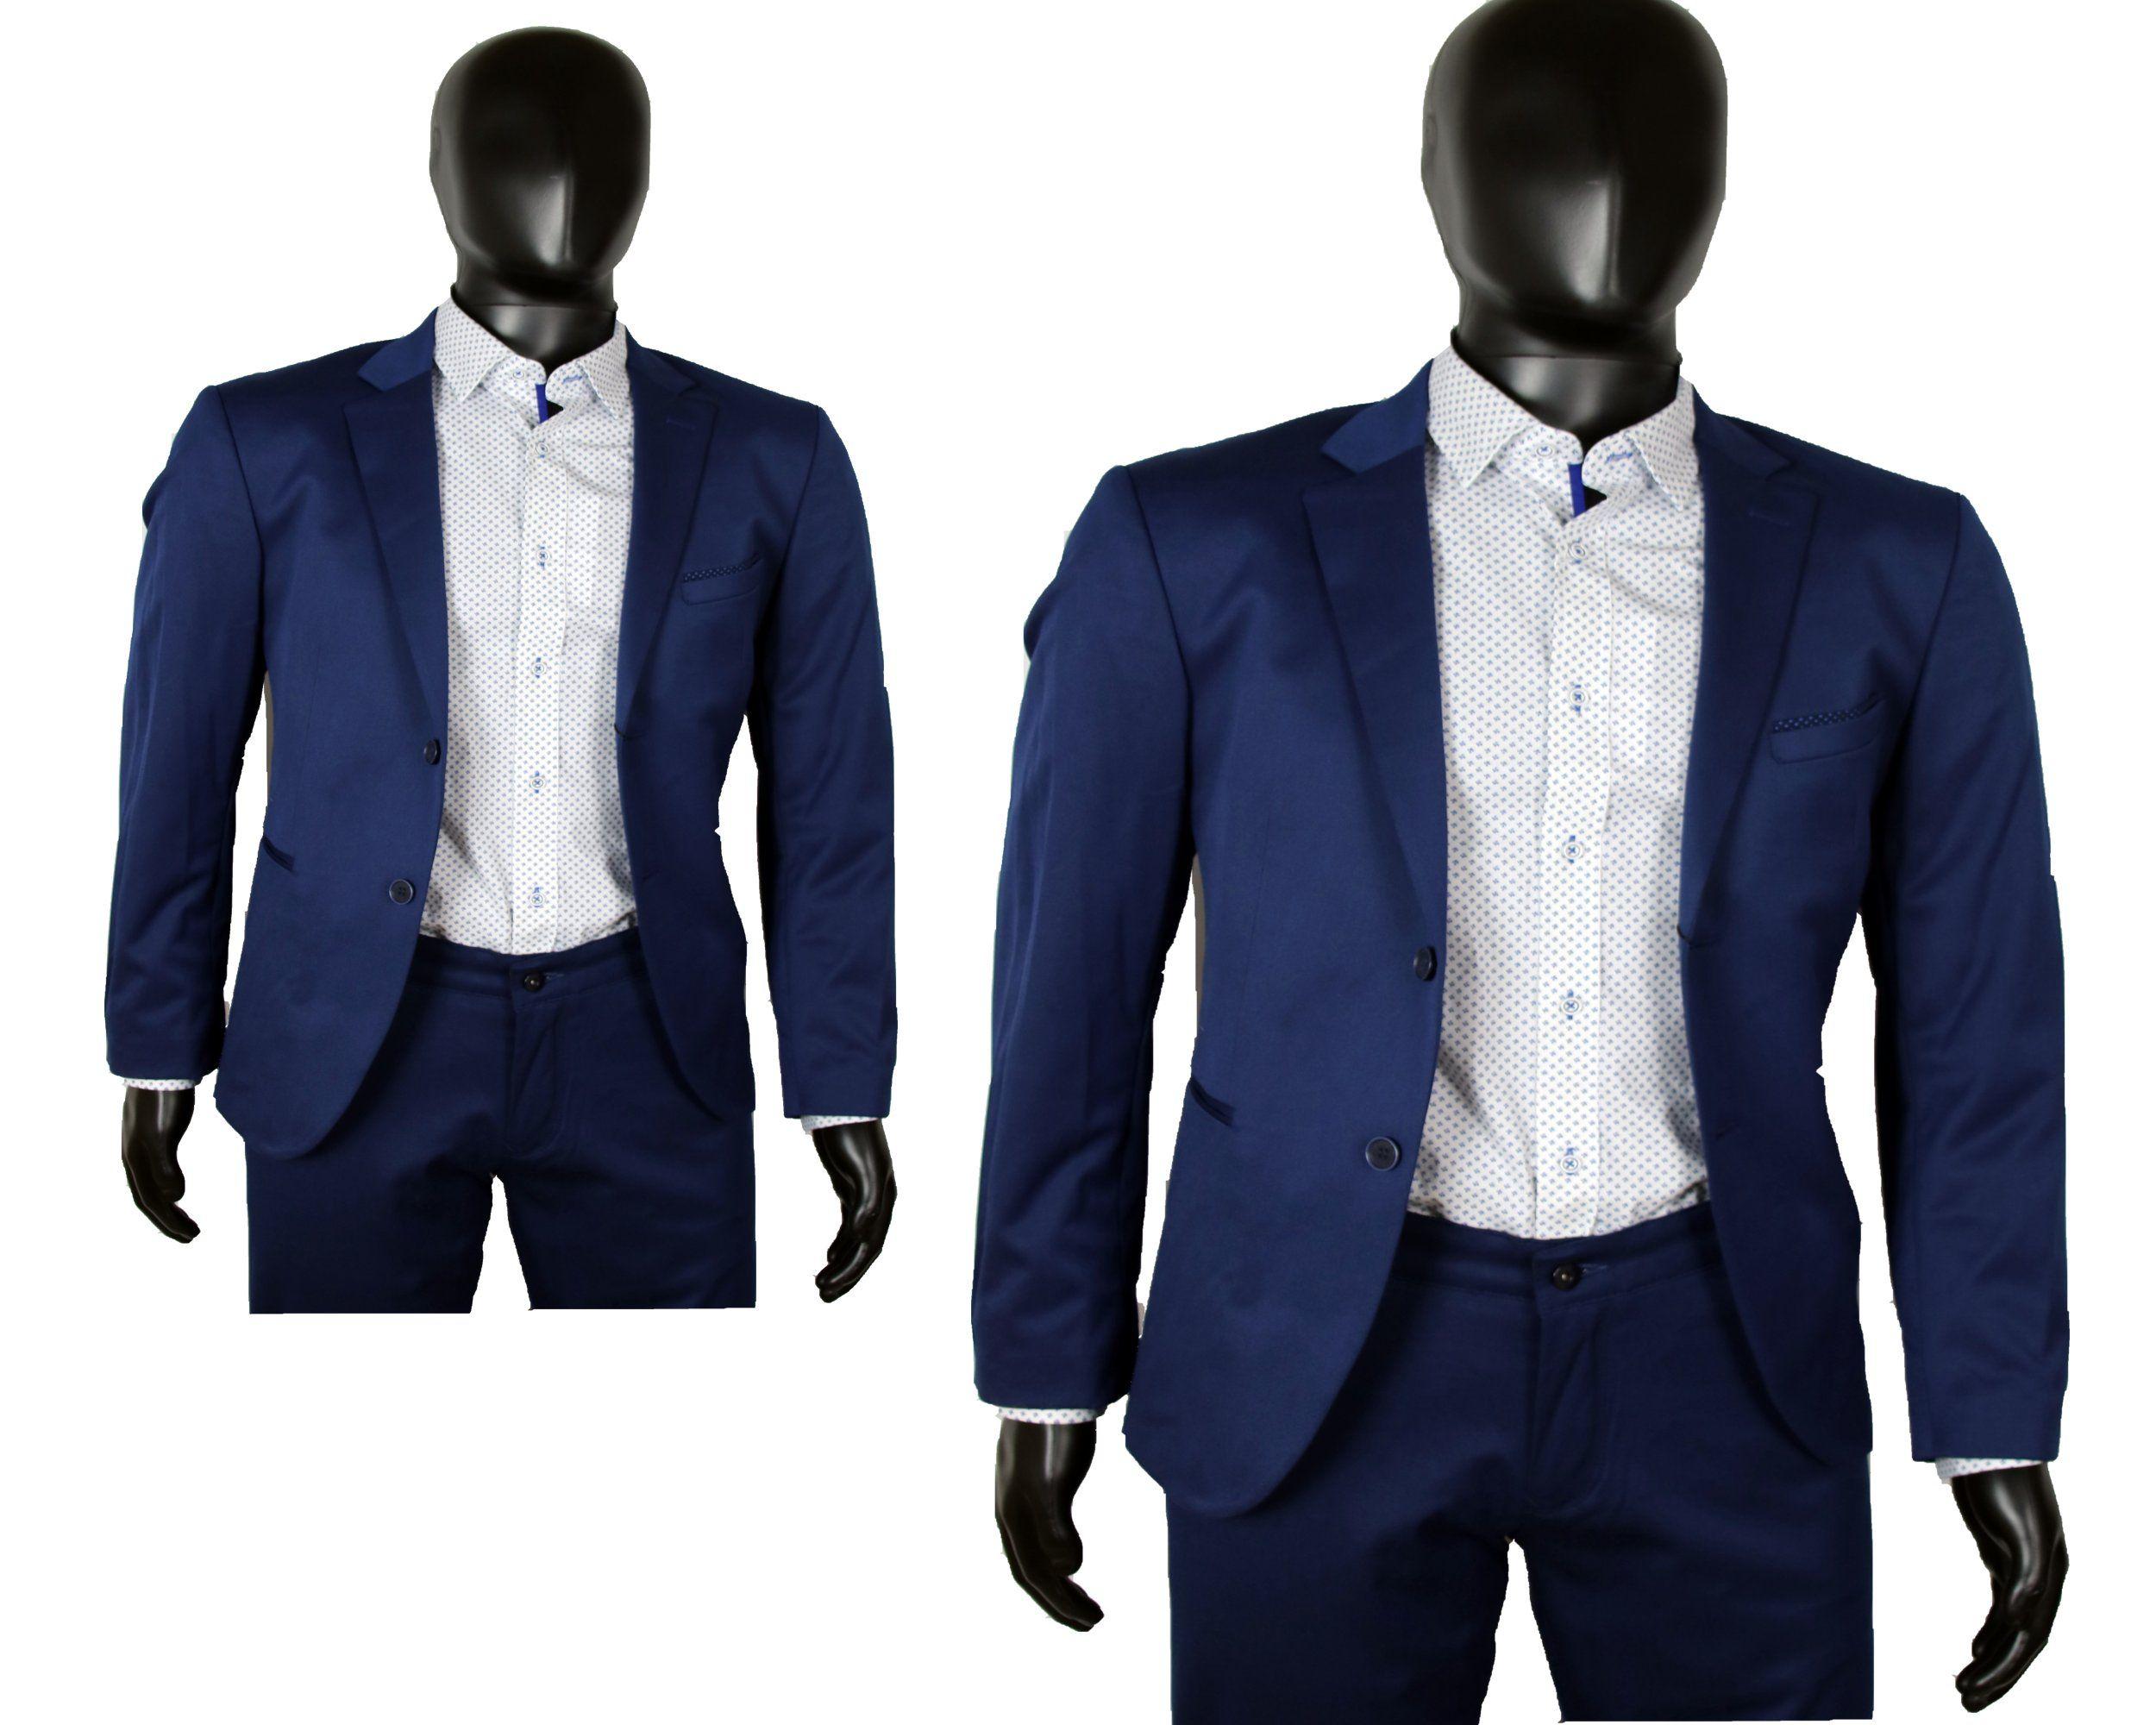 Marynarka Meska Elegancka Niebieska Okazja 15 48 7148738375 Oficjalne Archiwum Allegro Suit Jacket Fashion Single Breasted Suit Jacket